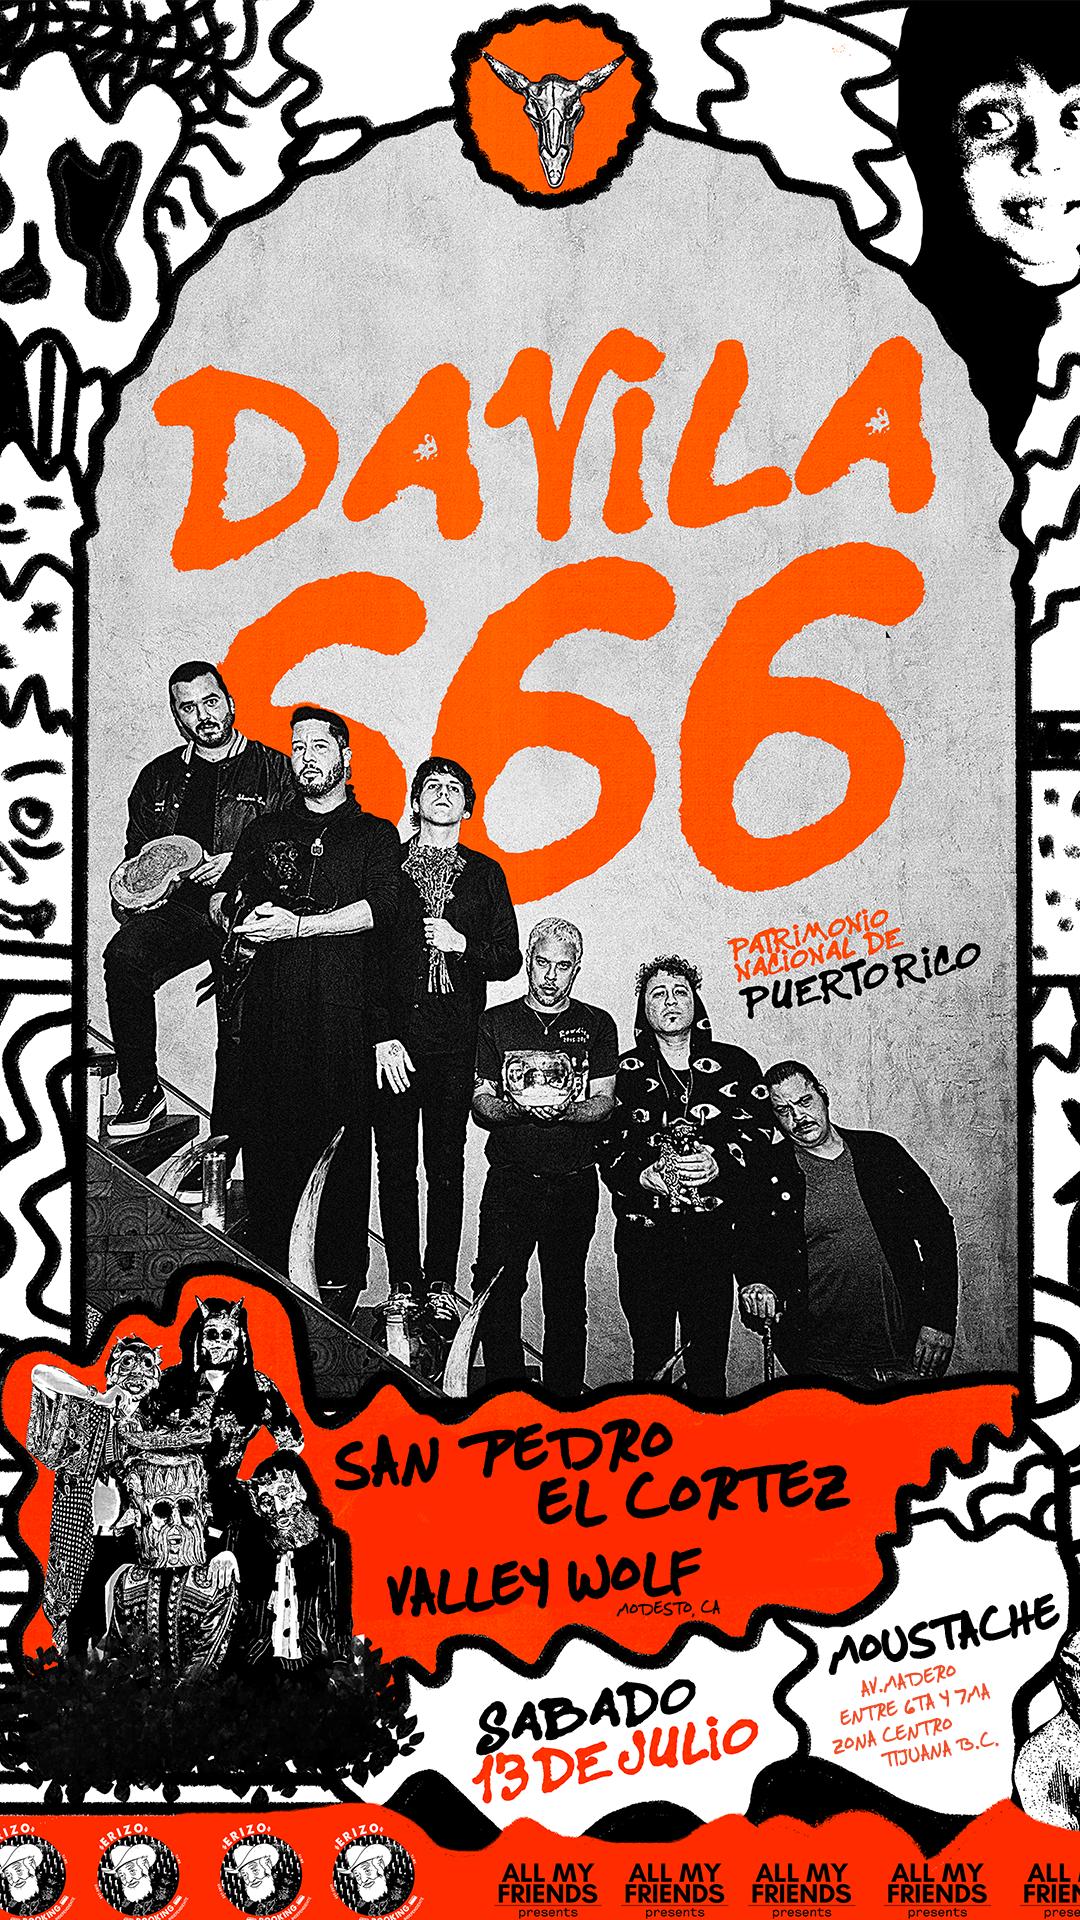 DAVILA666